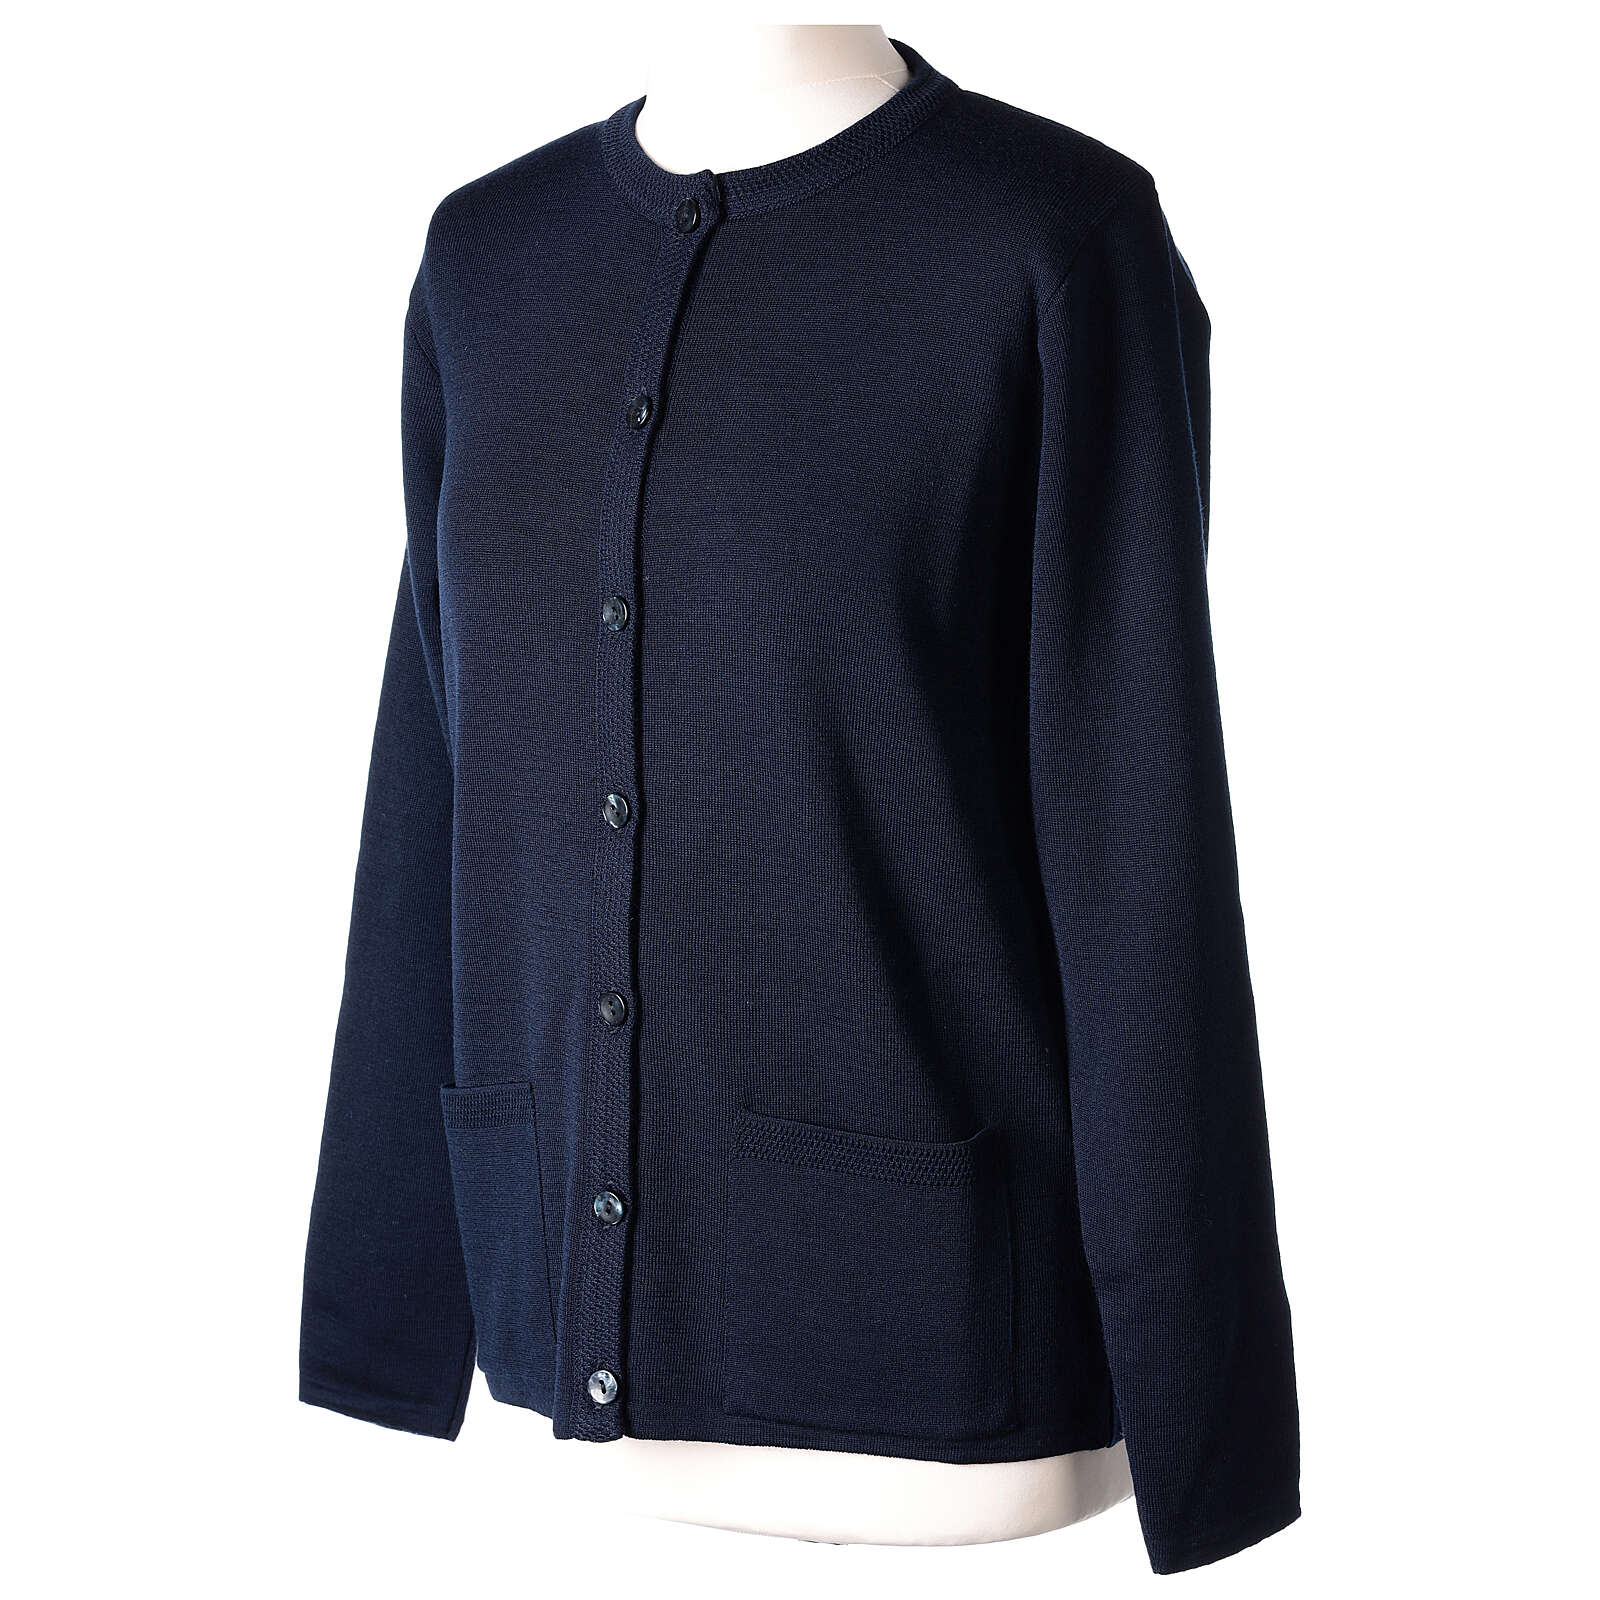 Damen-Cardigan, blau, mit Taschen und Rundhalsausschnitt, 50% Acryl - 50% Merinowolle, In Primis 4